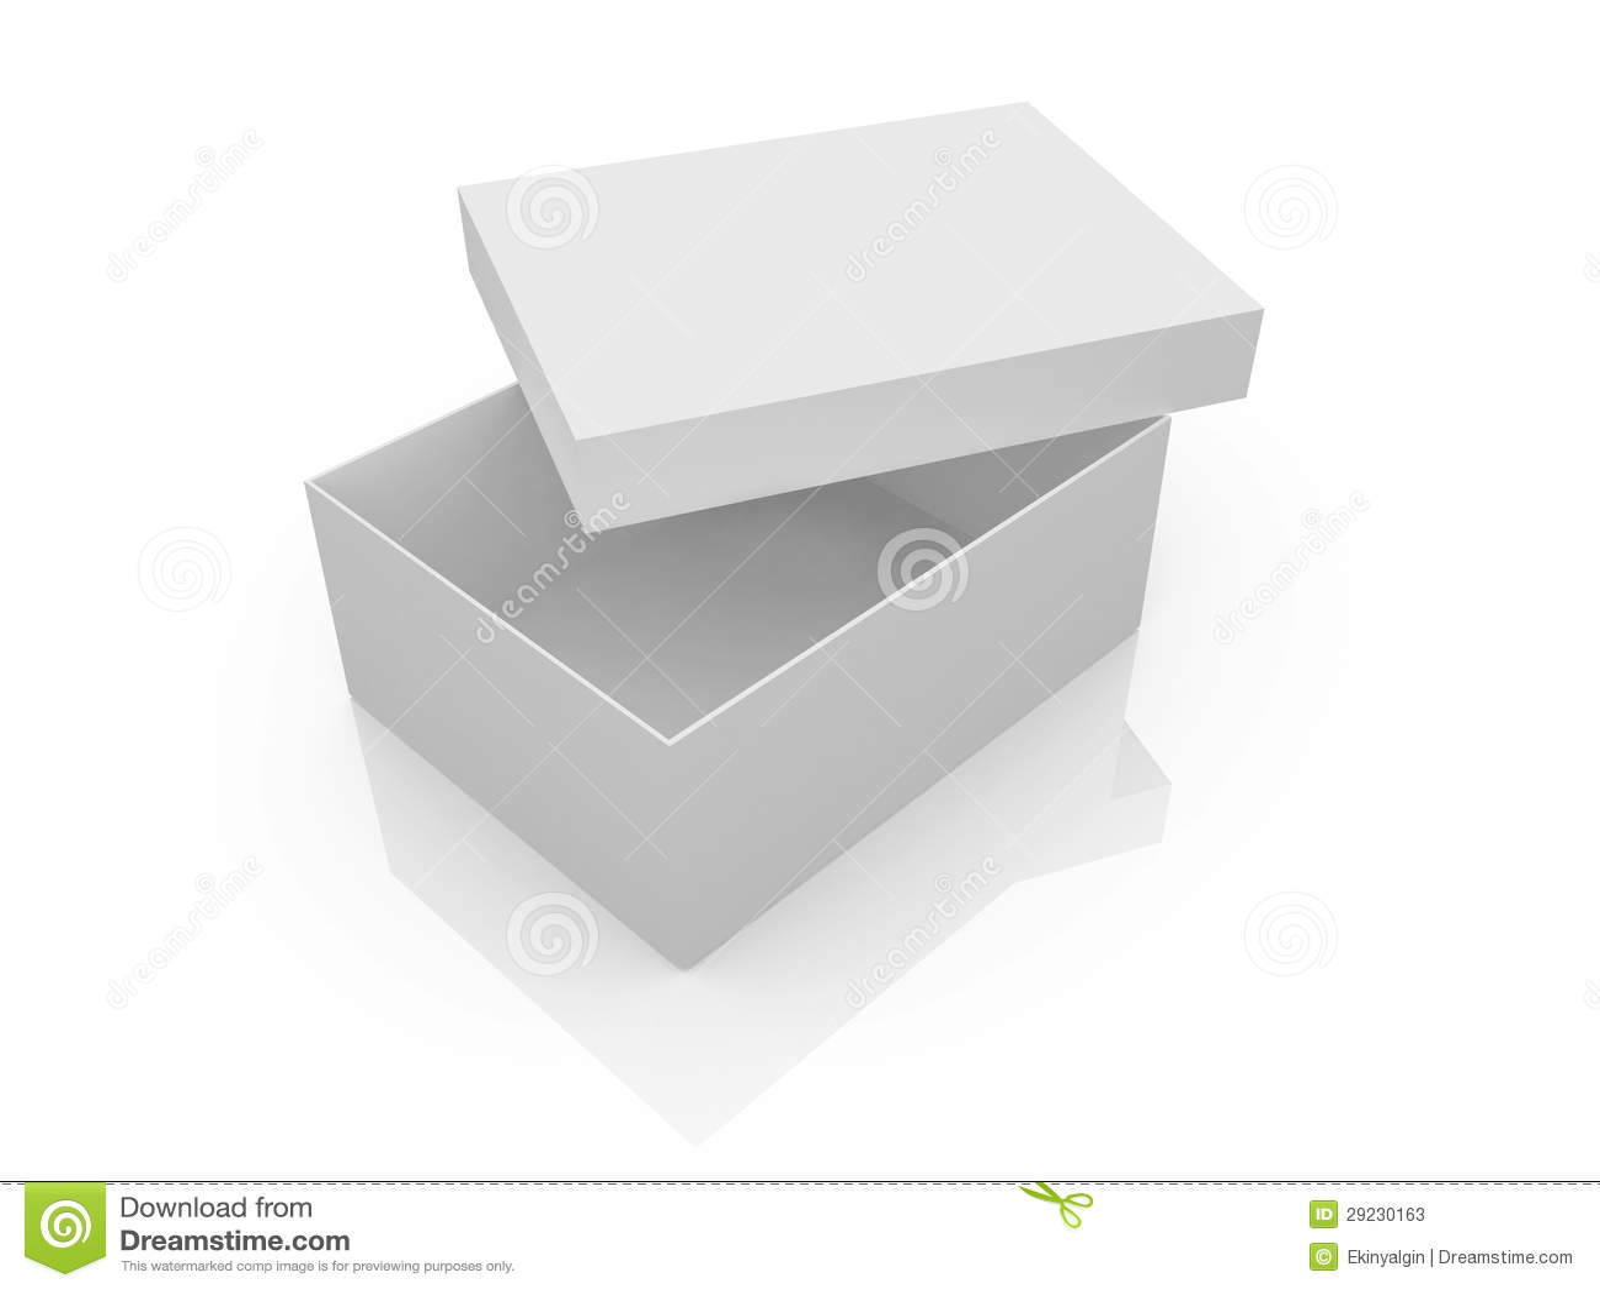 Download Caixa branca vazia ilustração stock. Ilustração de pacote - 29230163